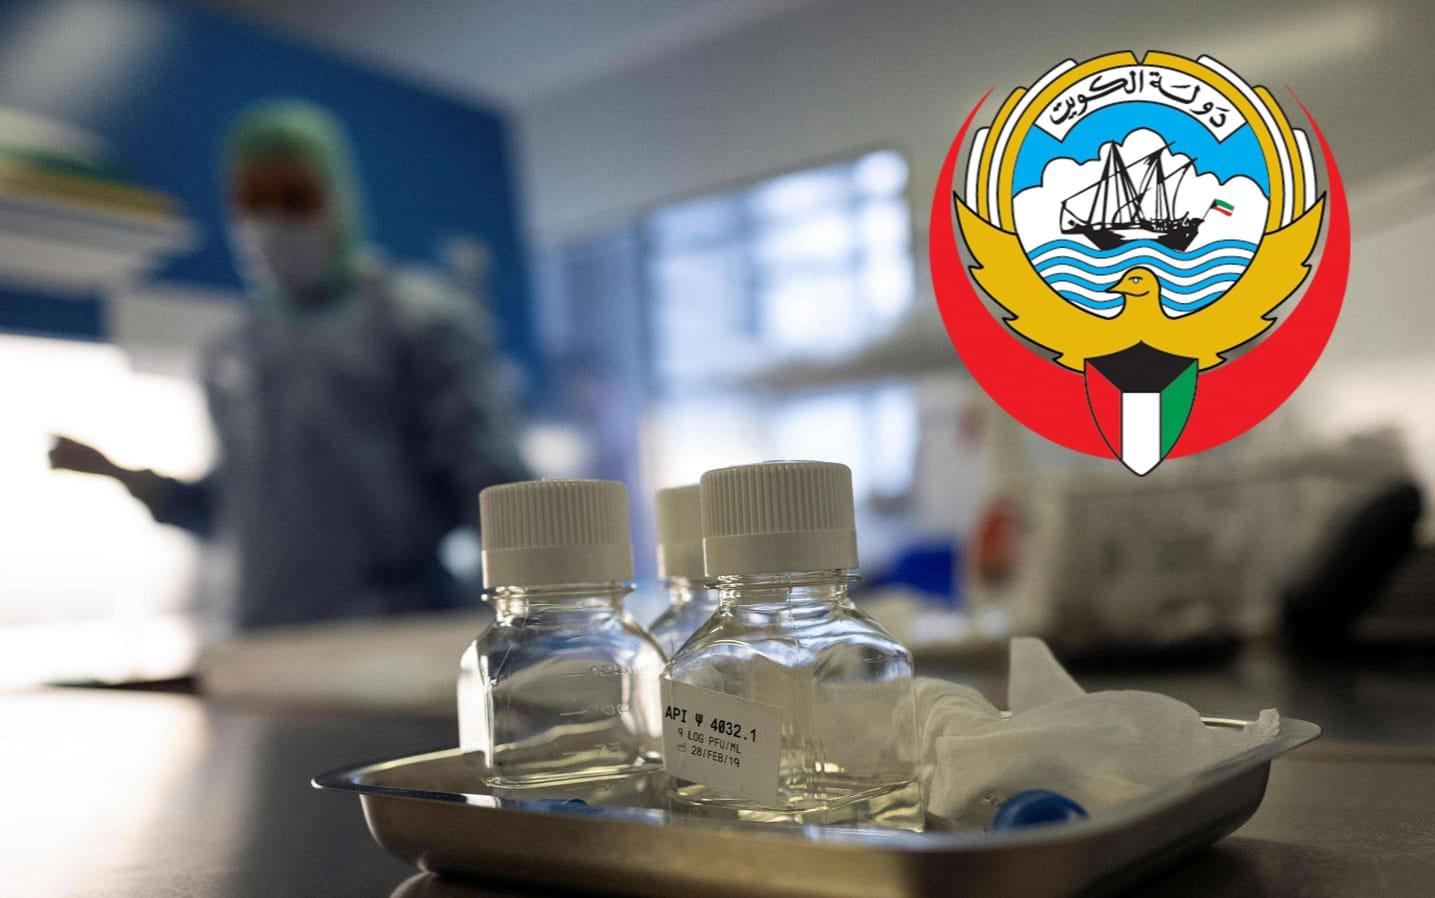 ٢٠٢١٠٦٠٥ ٢٠٤٦٣٧ - #الصحة: 7 وفيات و1331 إصابة جديدة ب #كورونا.   #العبدلي_نيوز